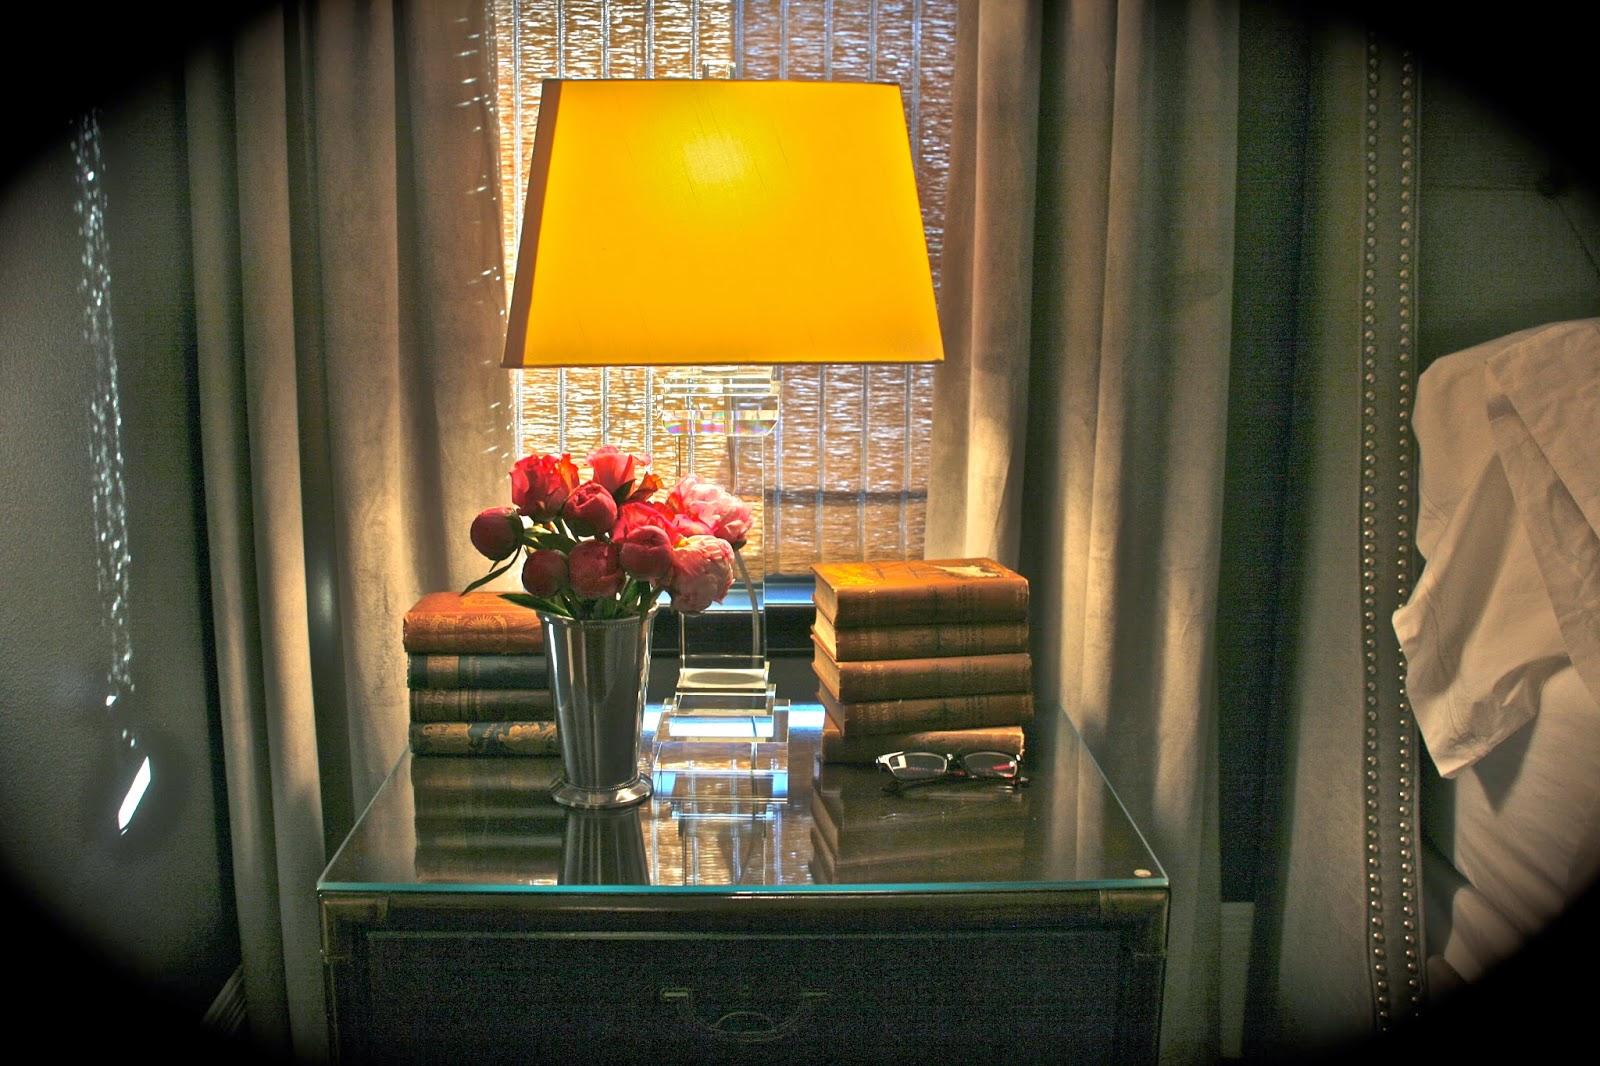 vignette design the books at boxwood house. Black Bedroom Furniture Sets. Home Design Ideas